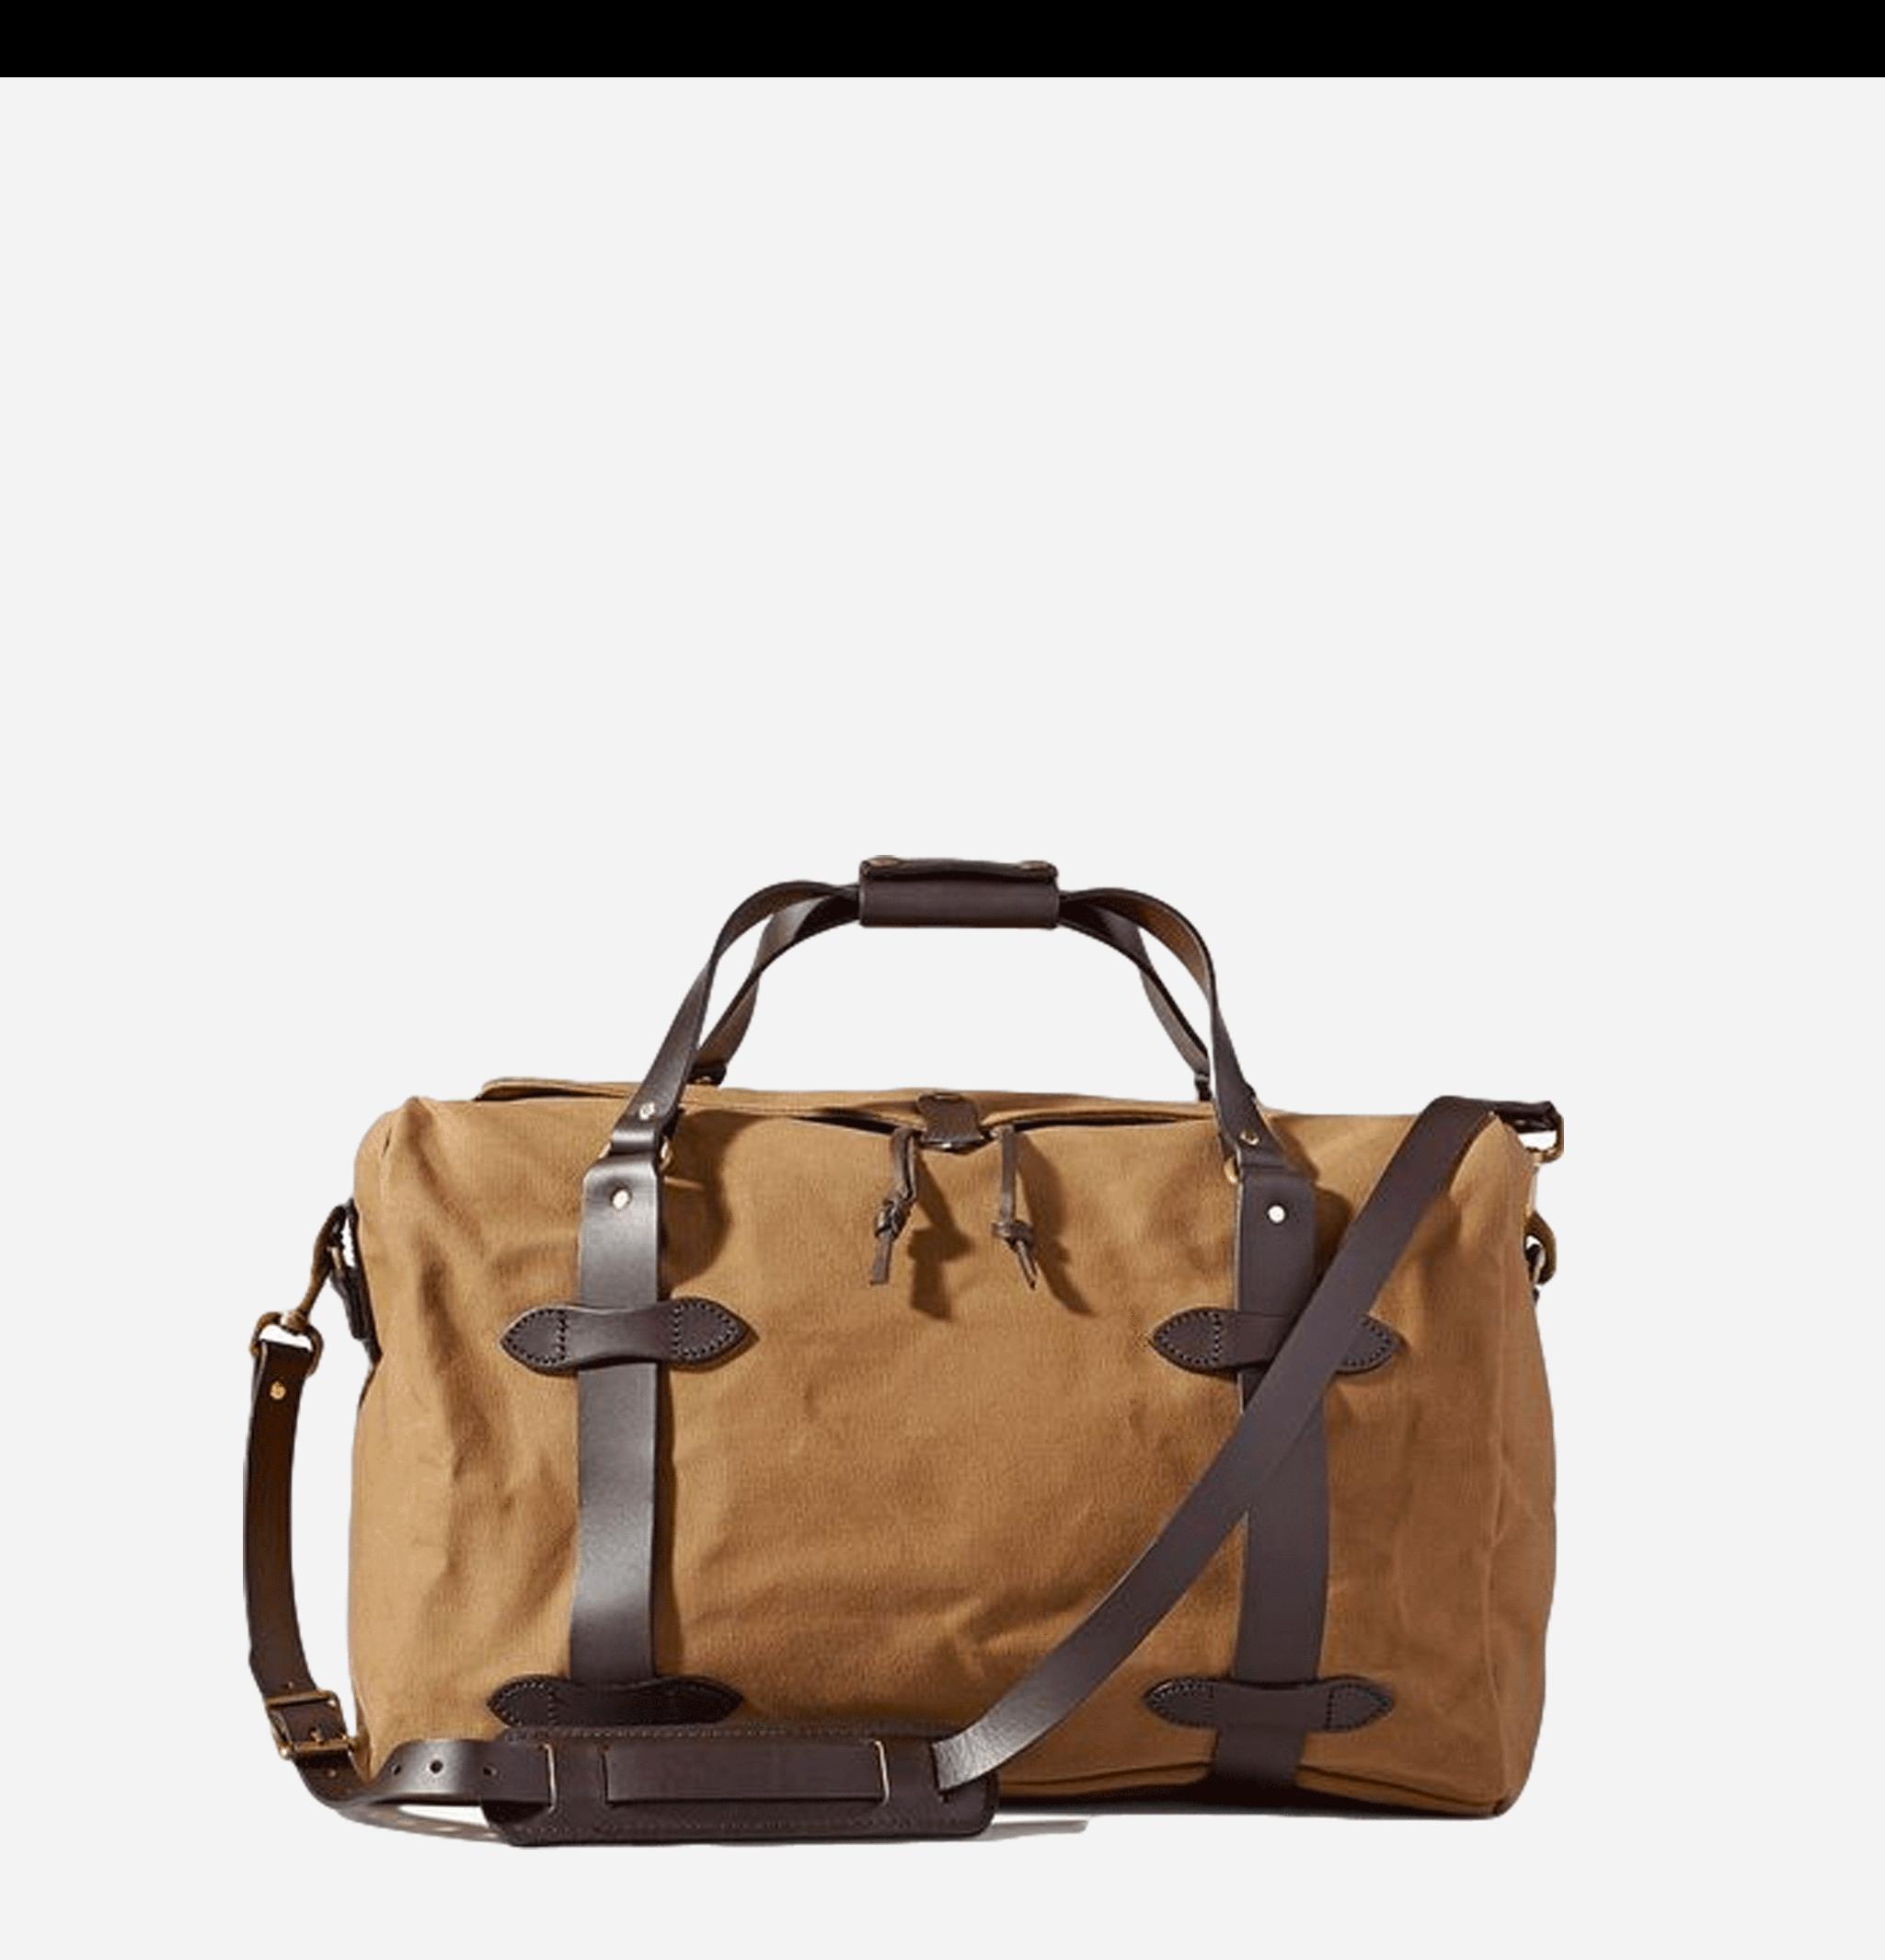 70325 - Medium Duffle Bag Tan